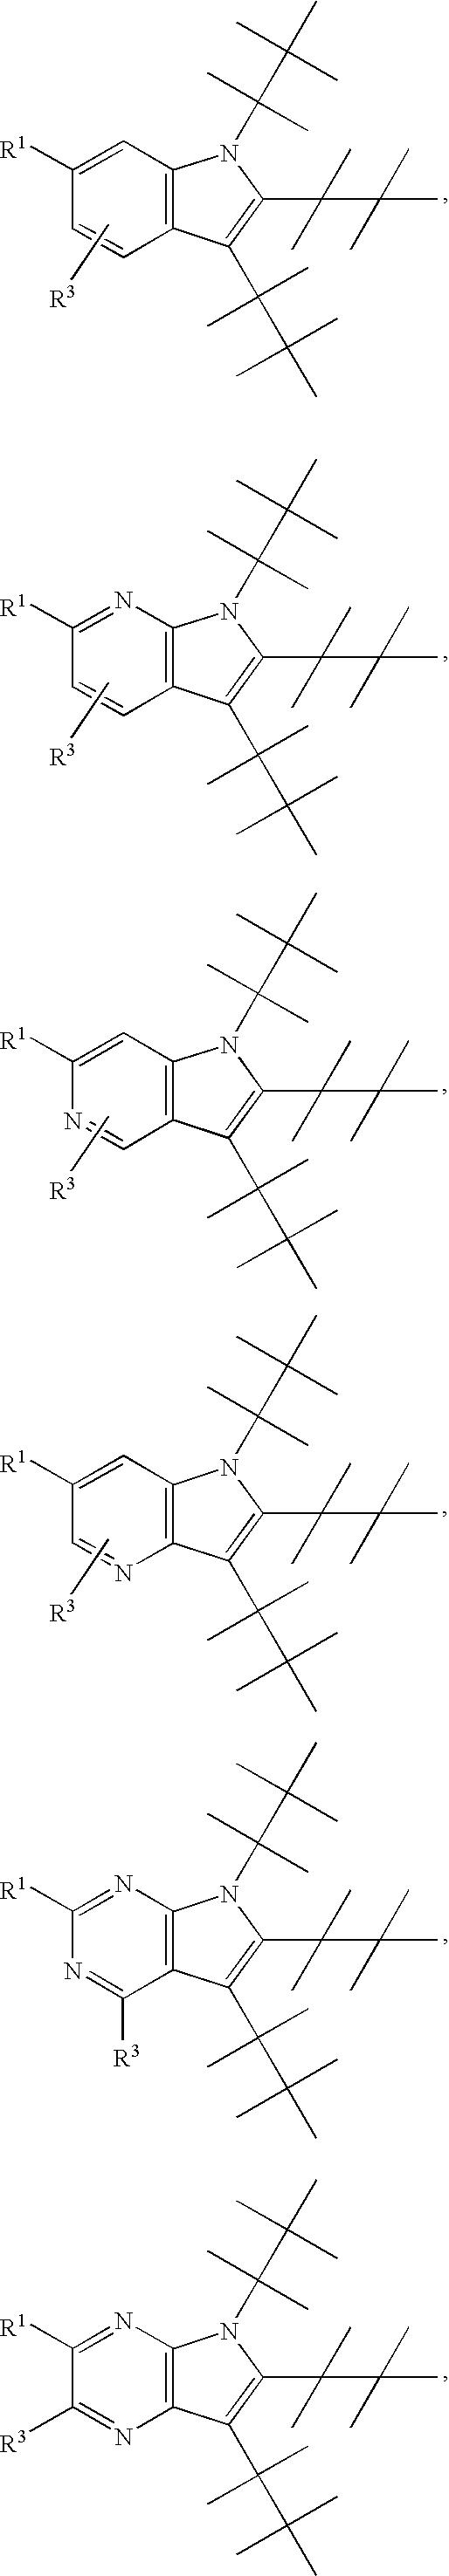 Figure US20070049593A1-20070301-C00027